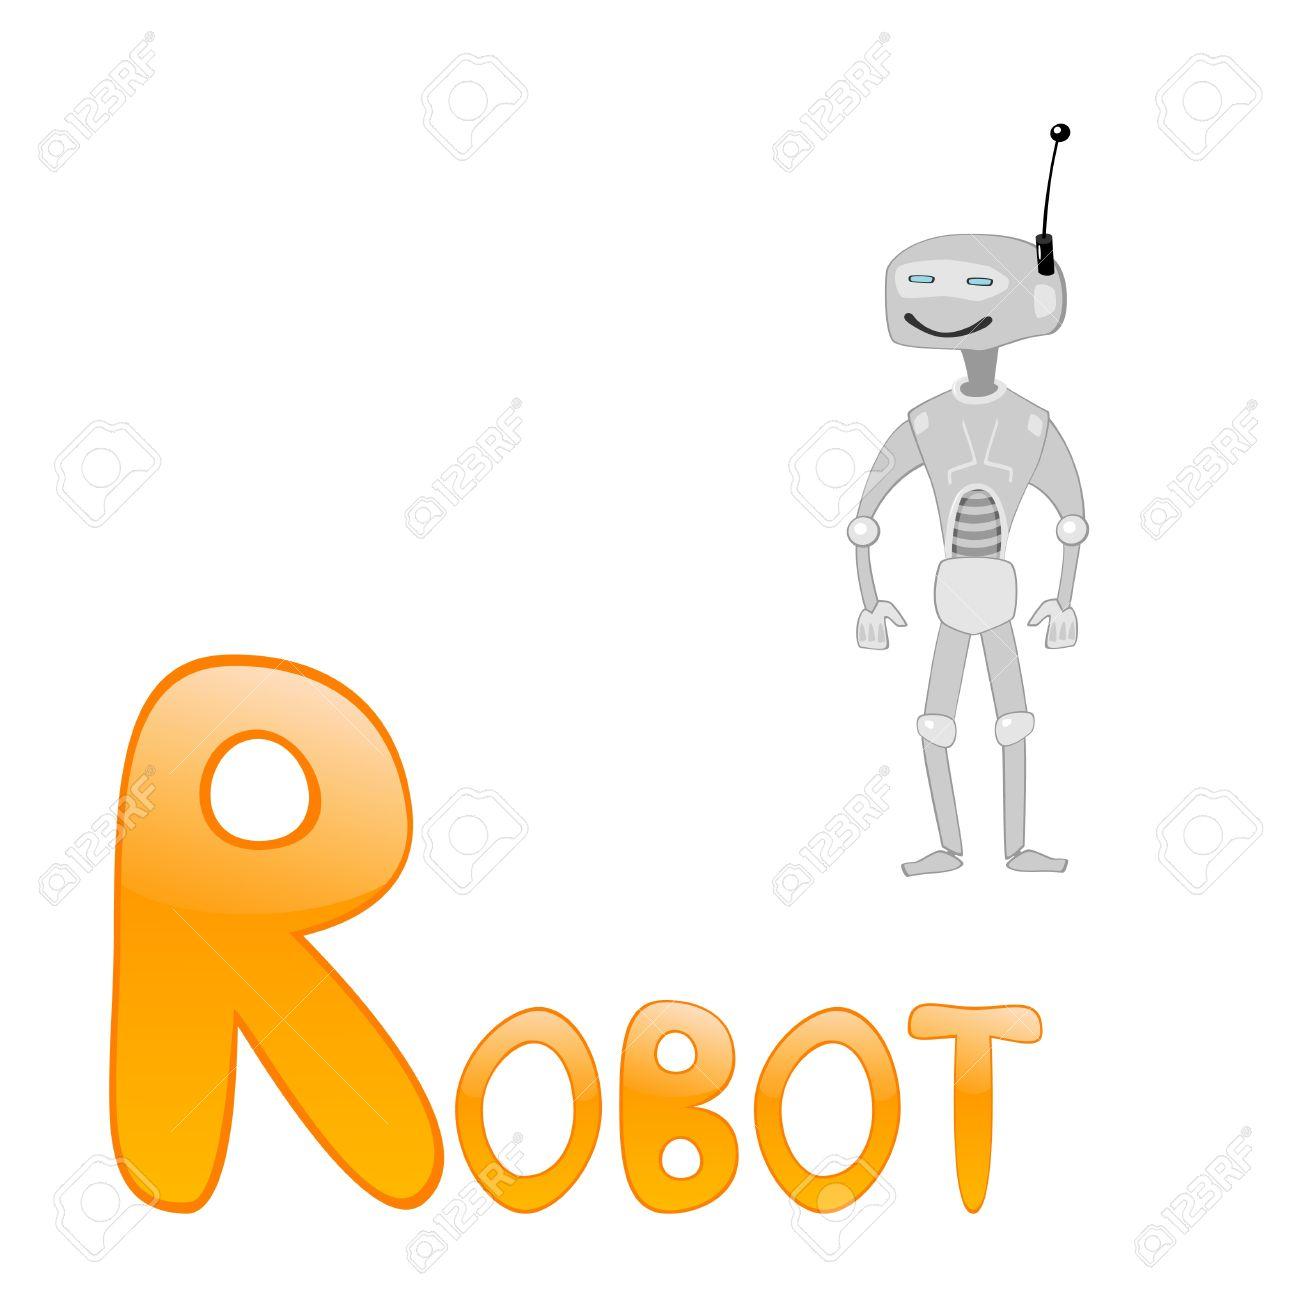 Funny alphabet for children. Robot - letter R. - 9941776